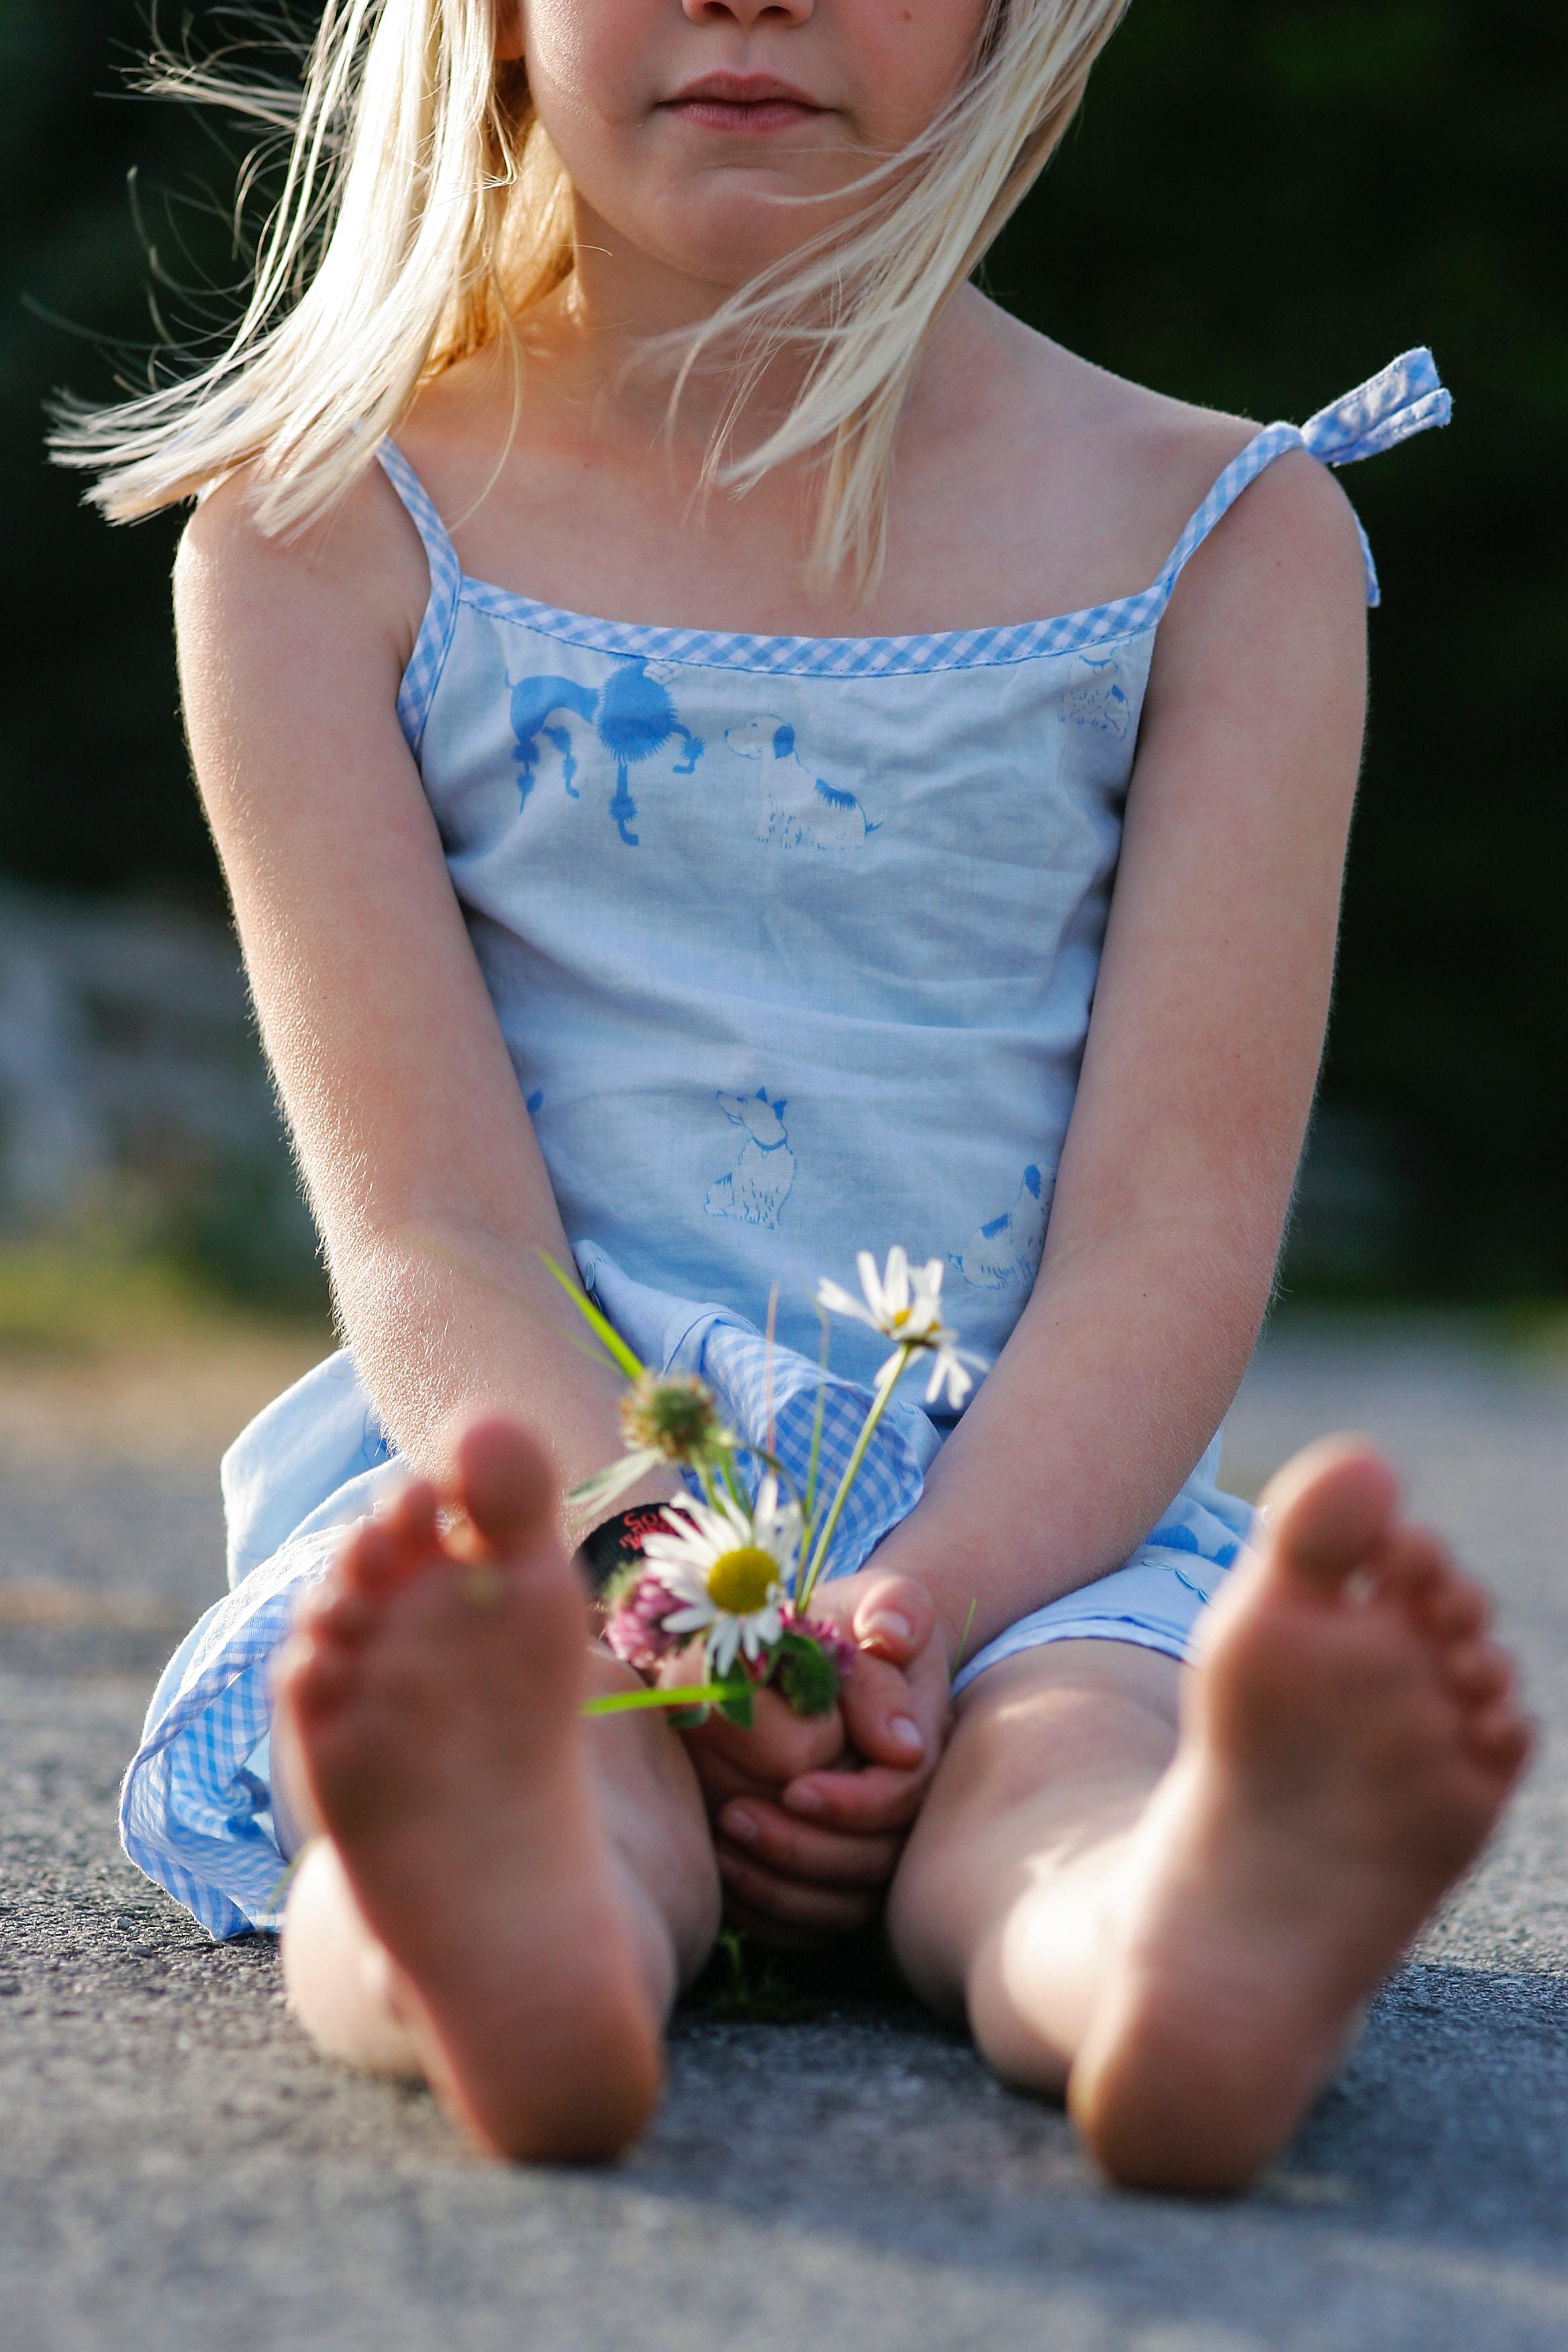 little-girl-holding-flowers.jpg